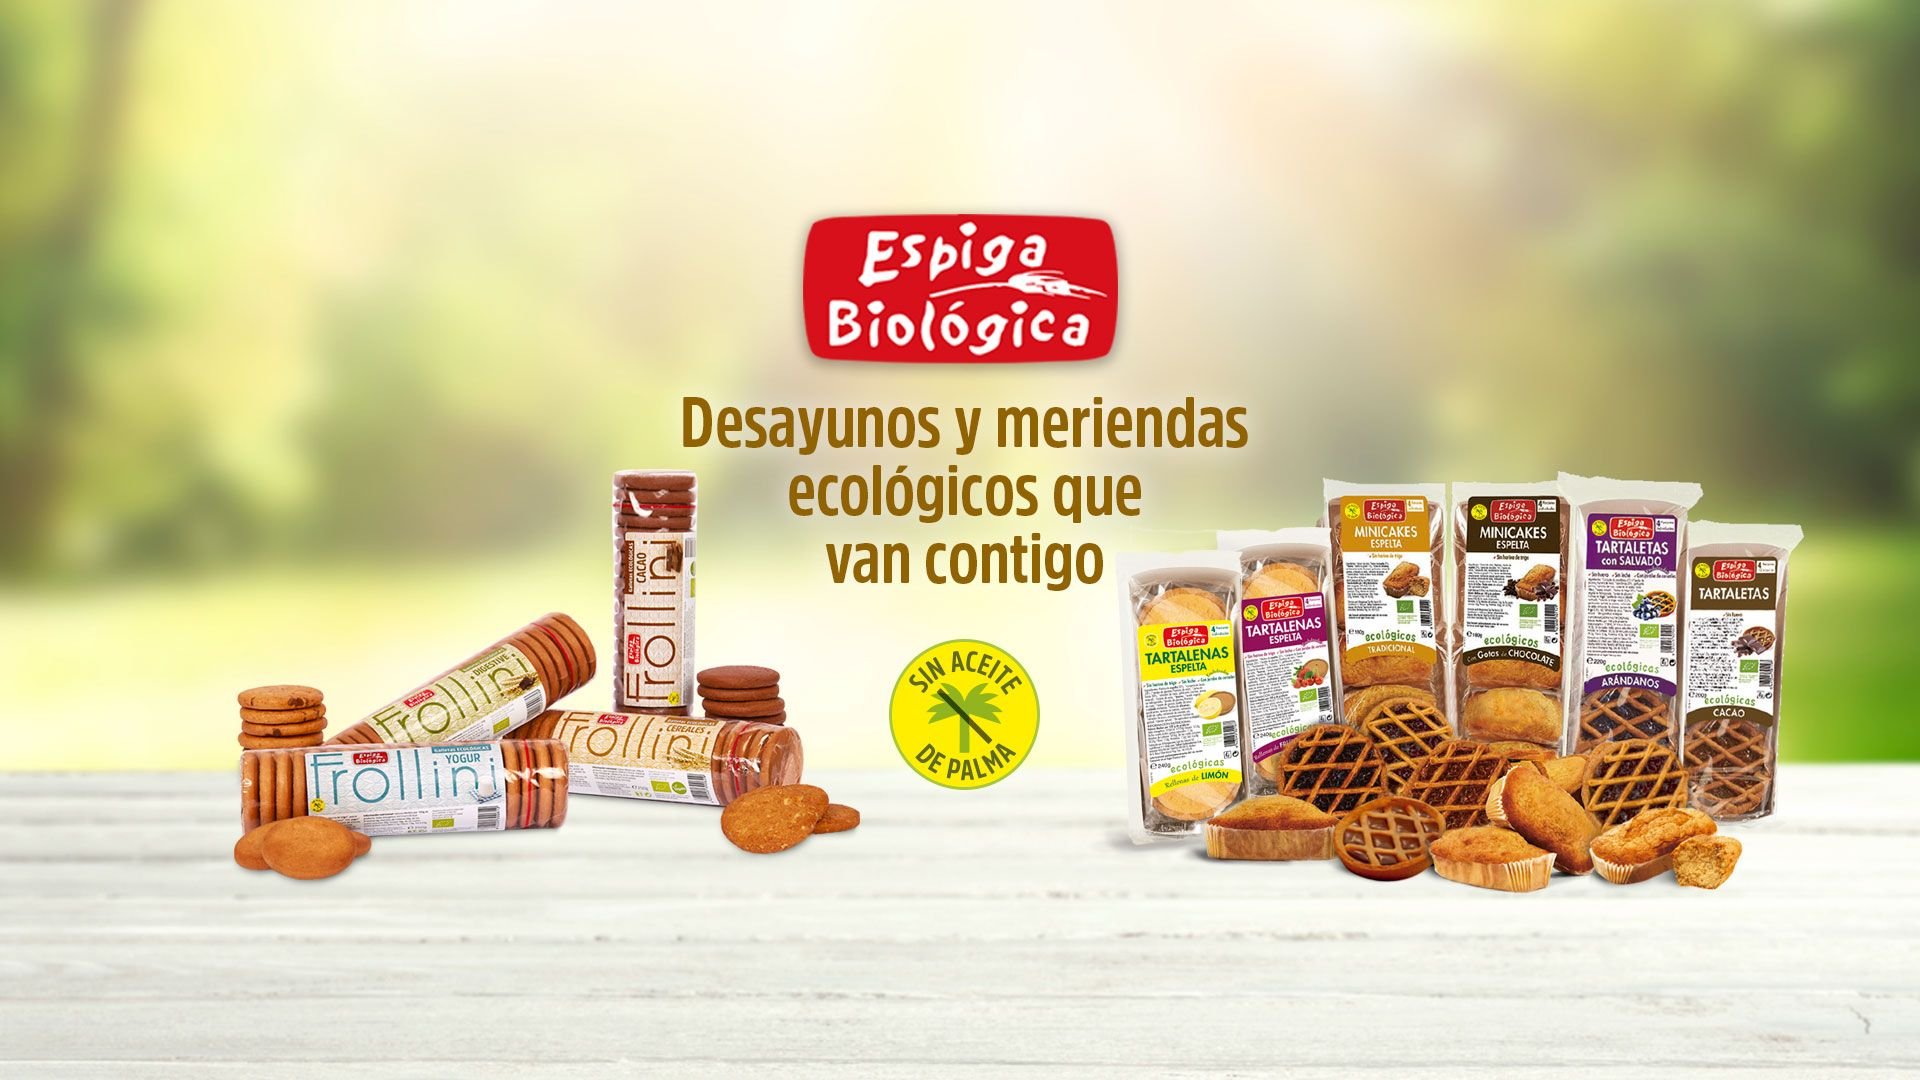 Espiga  Biológica, desayunos y meriendas ecológicos sin aceite de palma